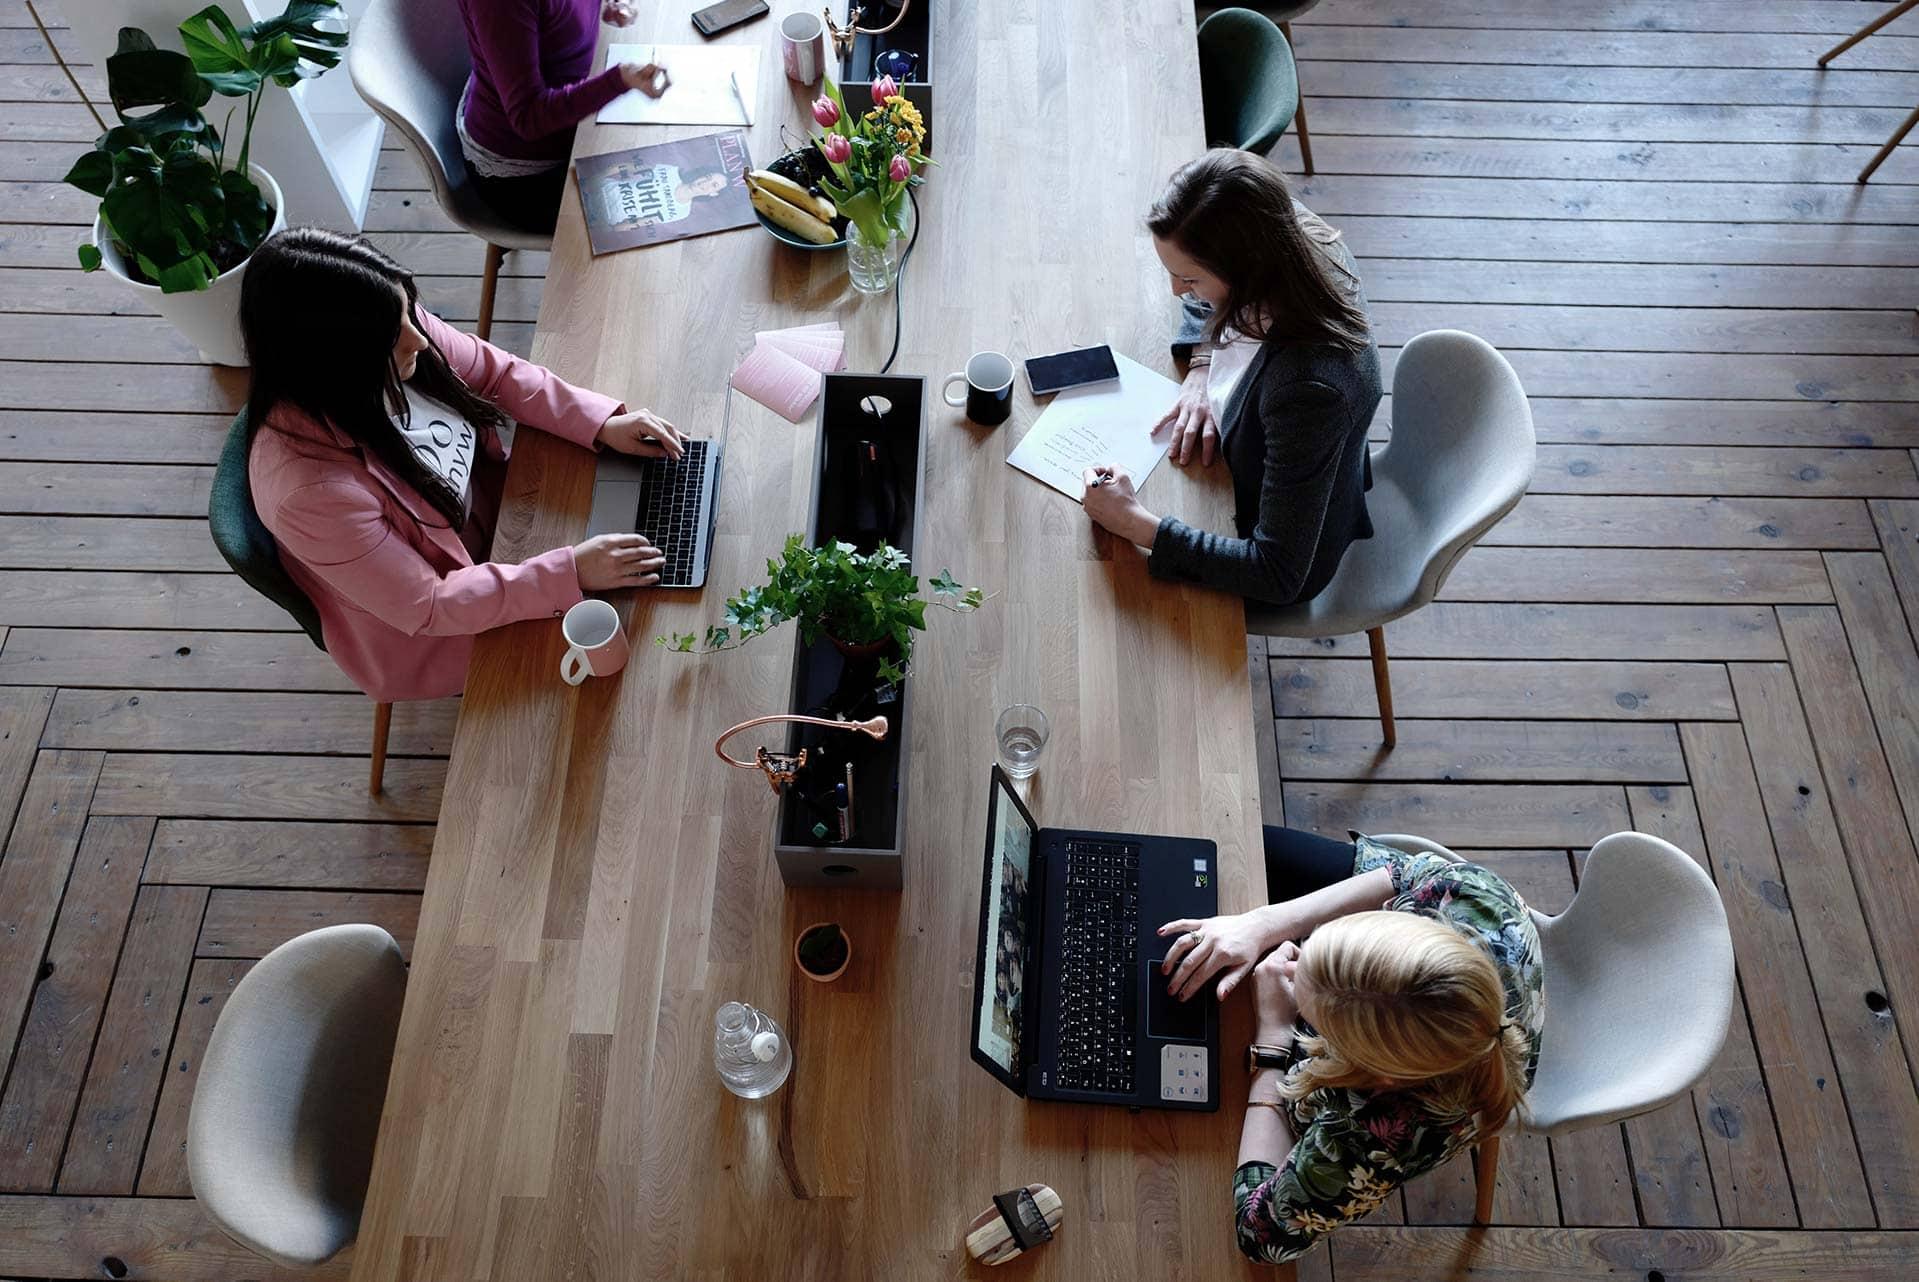 Coworking Space New Work - Die Vorteile von Coworking